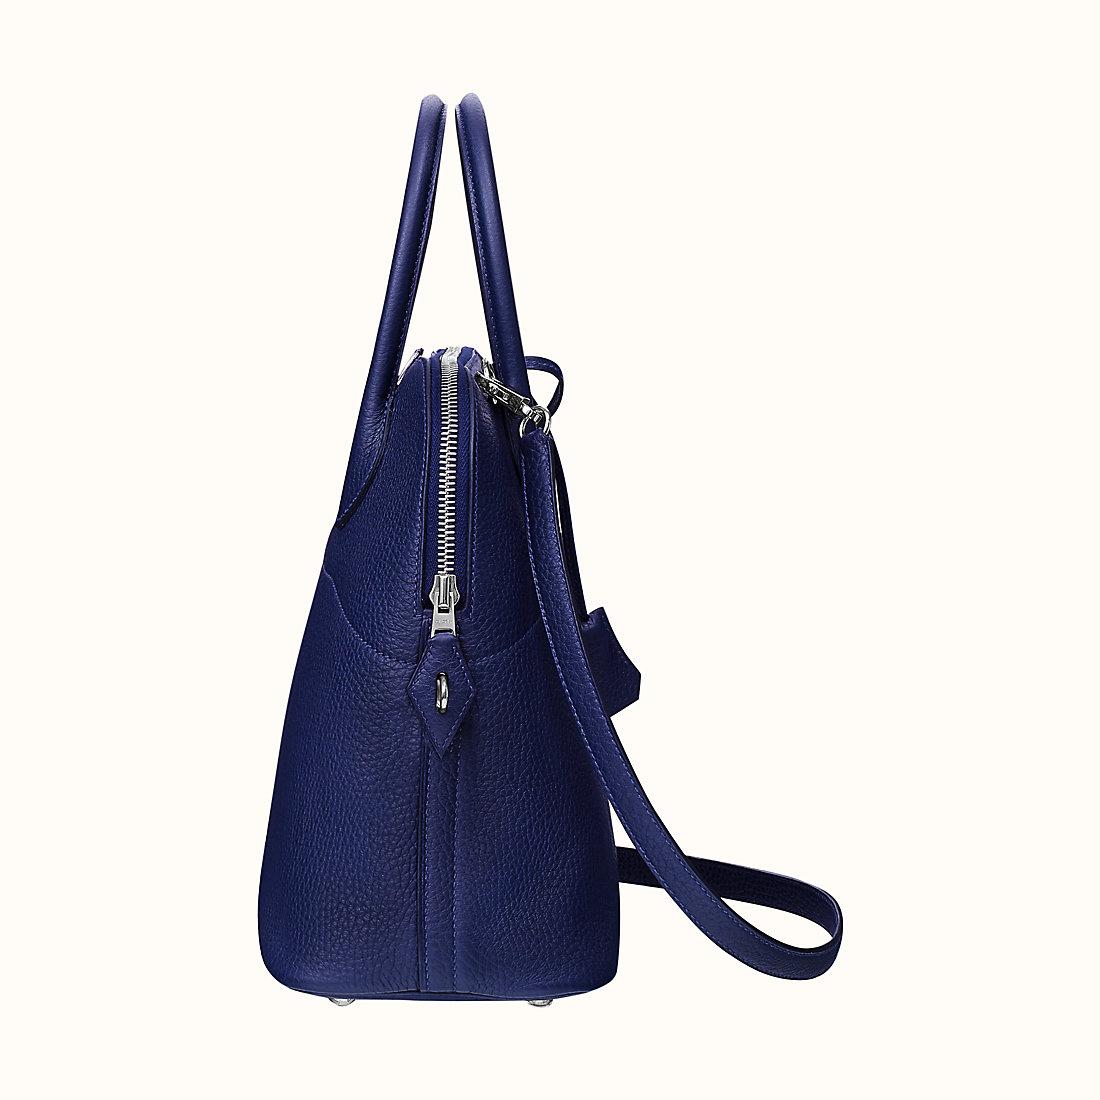 HermesSac Bolide 31 taurillon Clémence CKM3 Bleu Encre